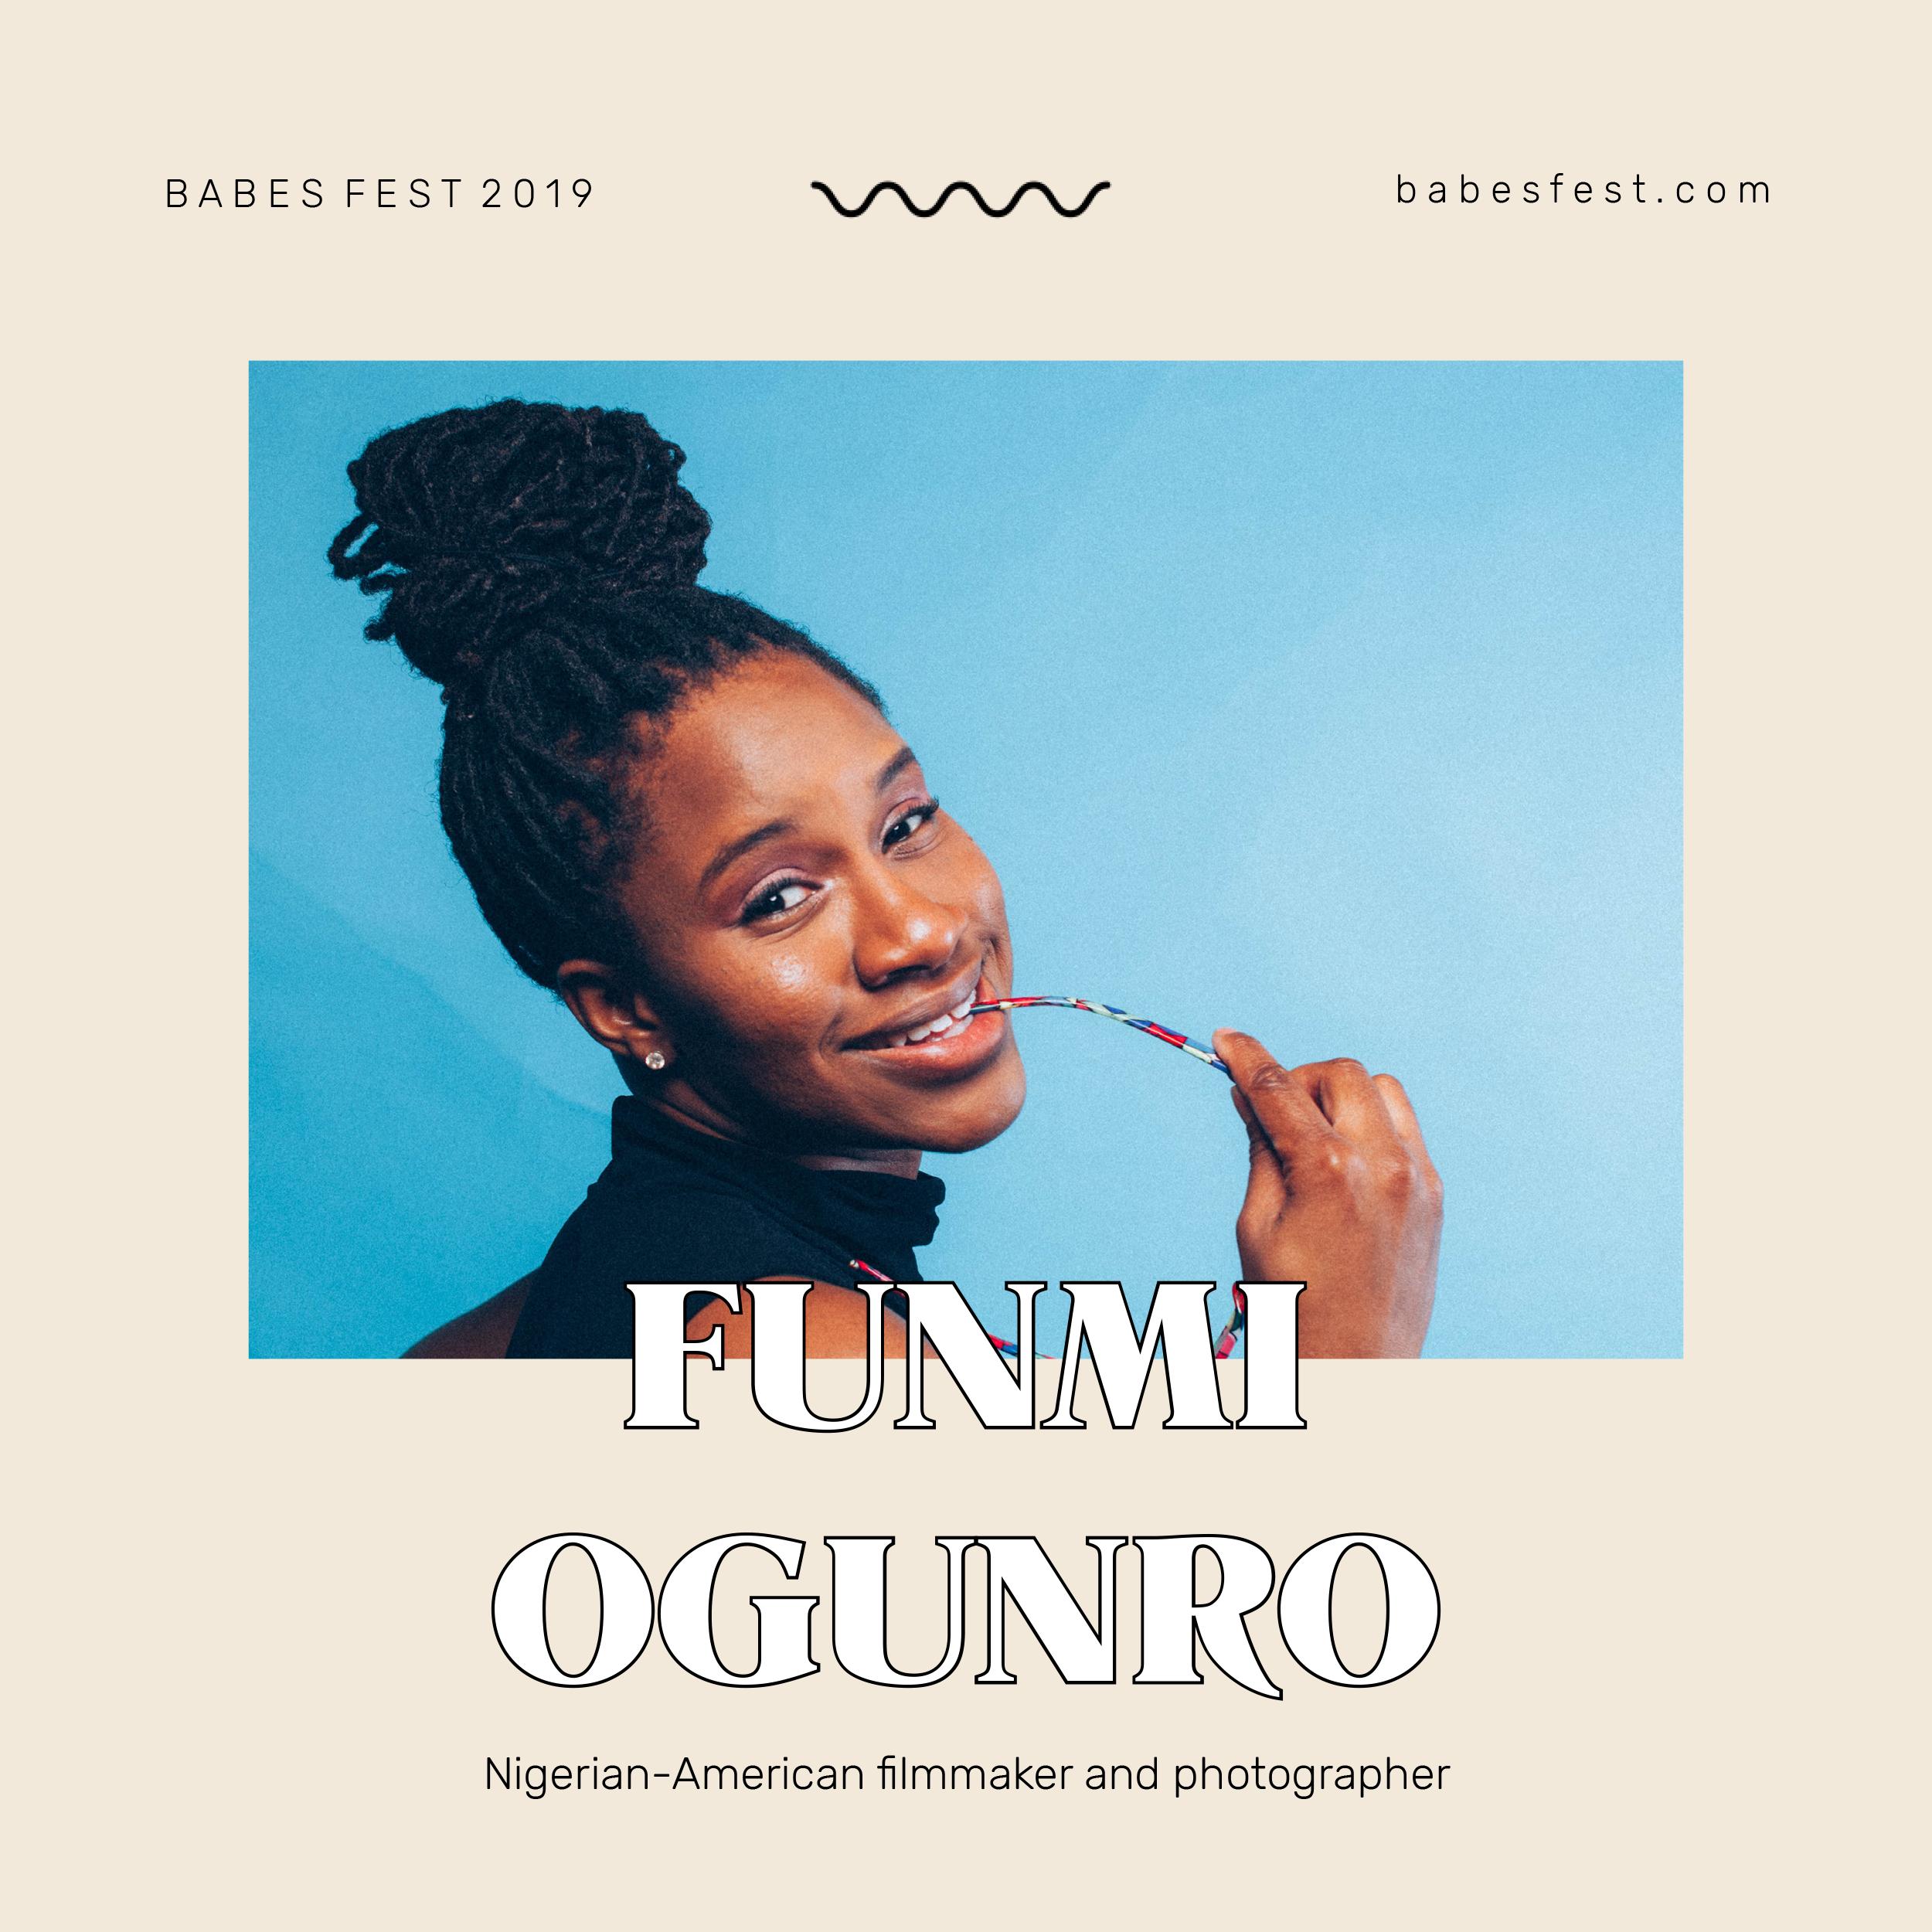 Funmi Ogunro